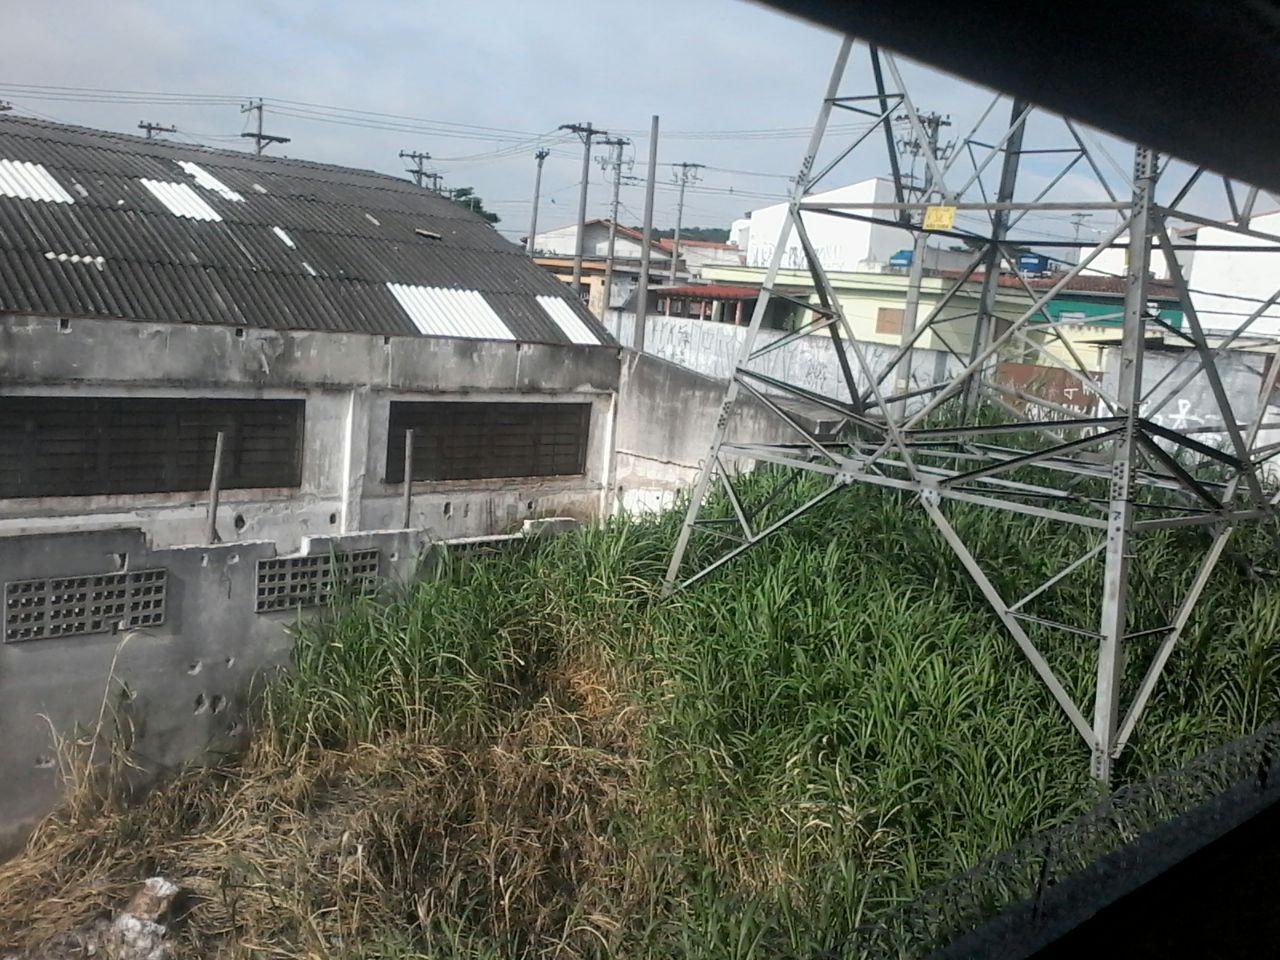 Acúmulo mato e lixo em terreno de concessionária de energia preocupa internauta de Mogi